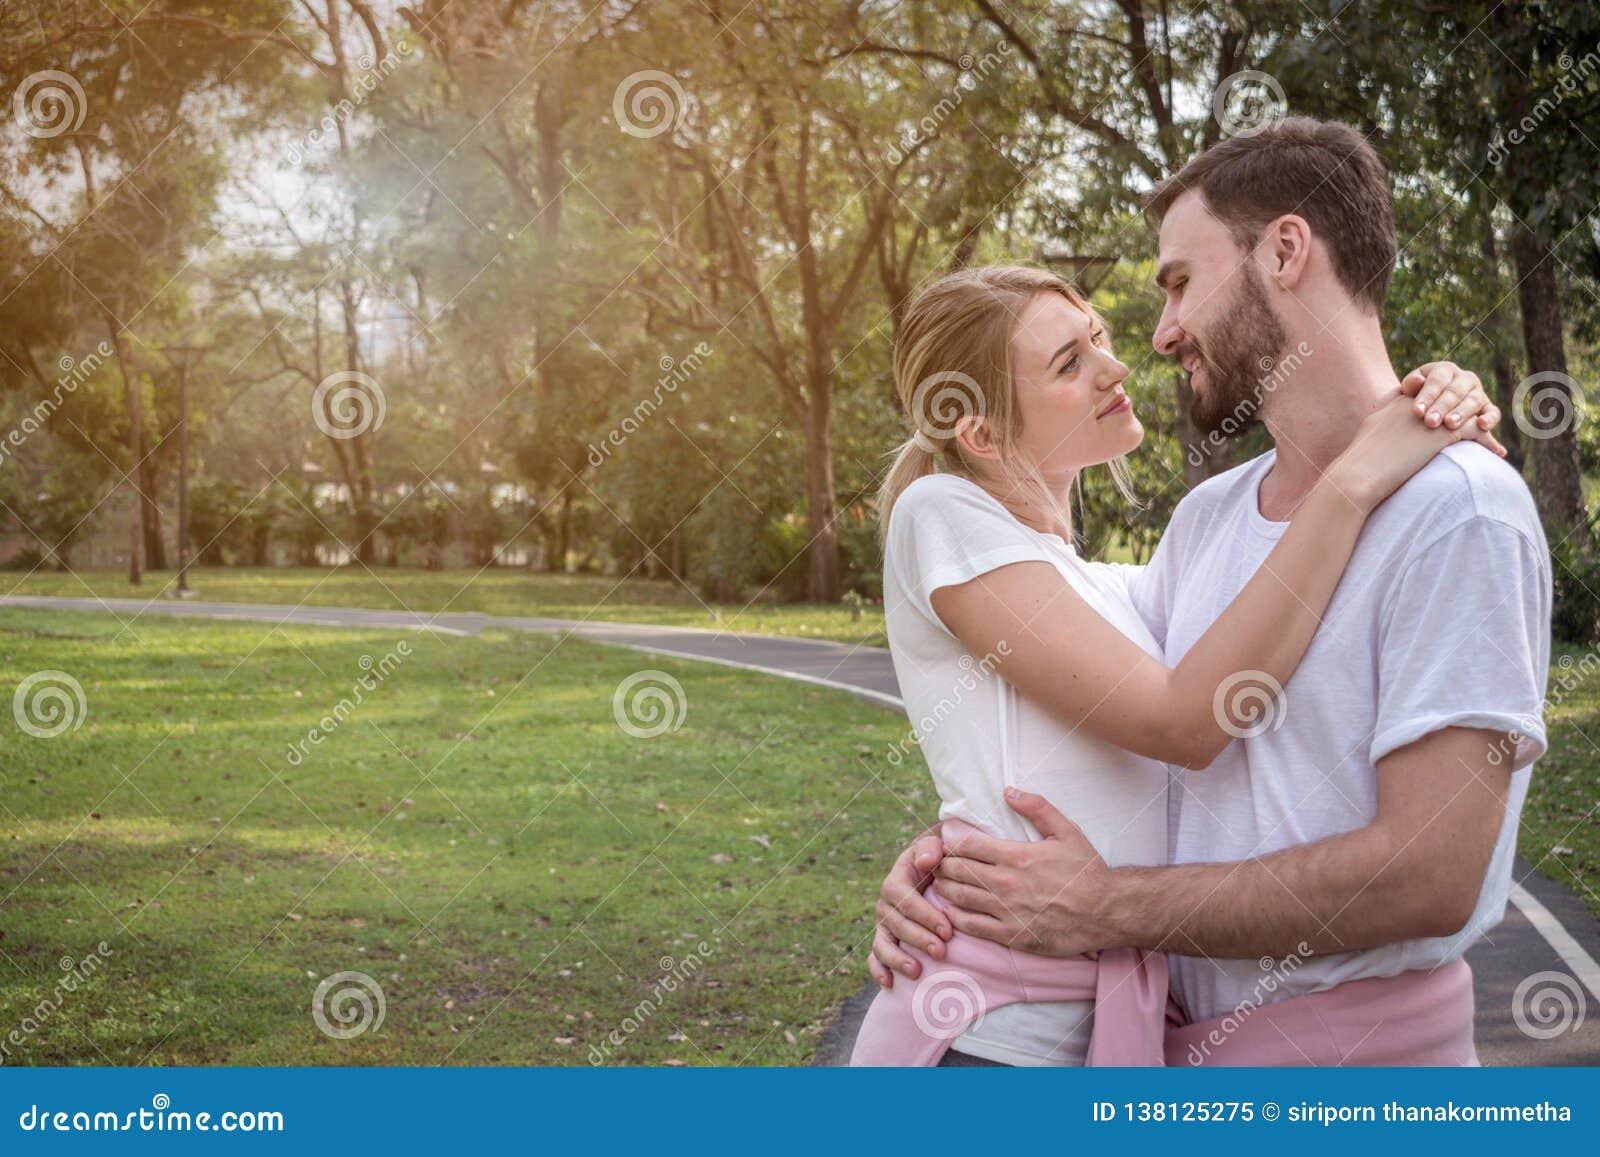 Пара обнимает один другого и имеет полезного время работы